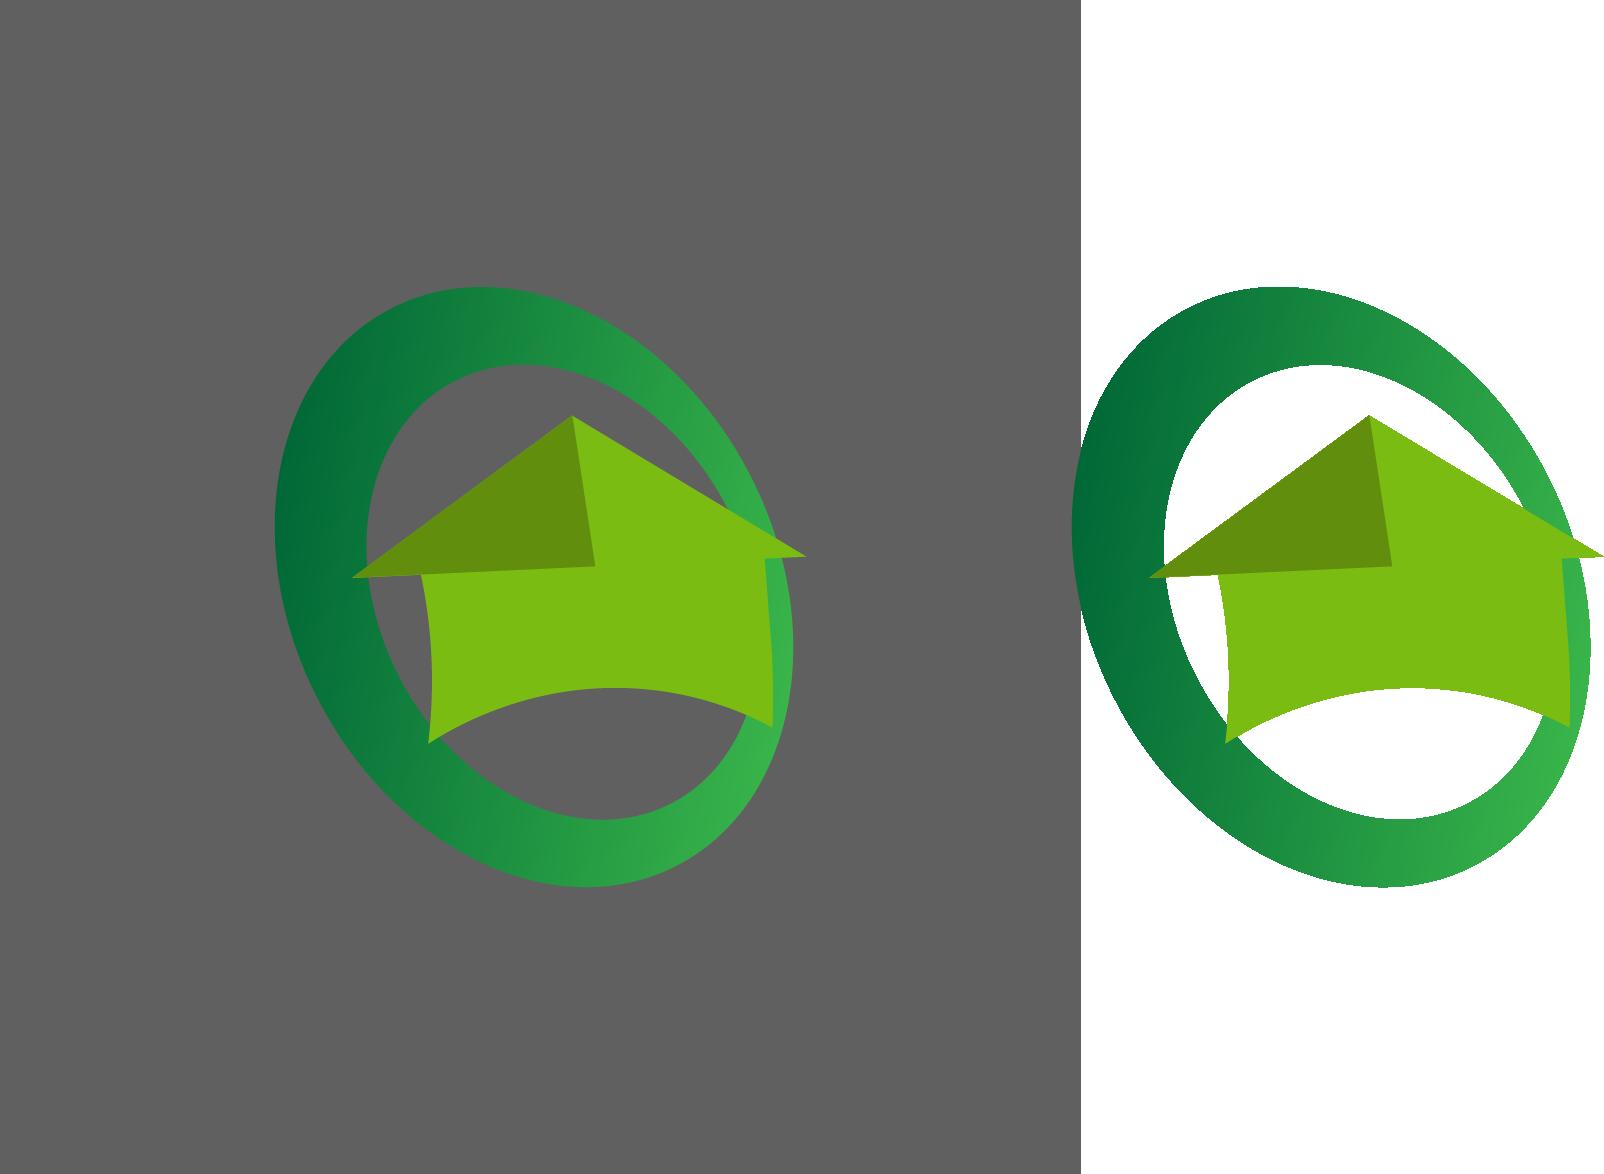 Разработать логотип для сети магазинов бытовой химии и товаров для уборки фото f_88660008e56ab8cd.png